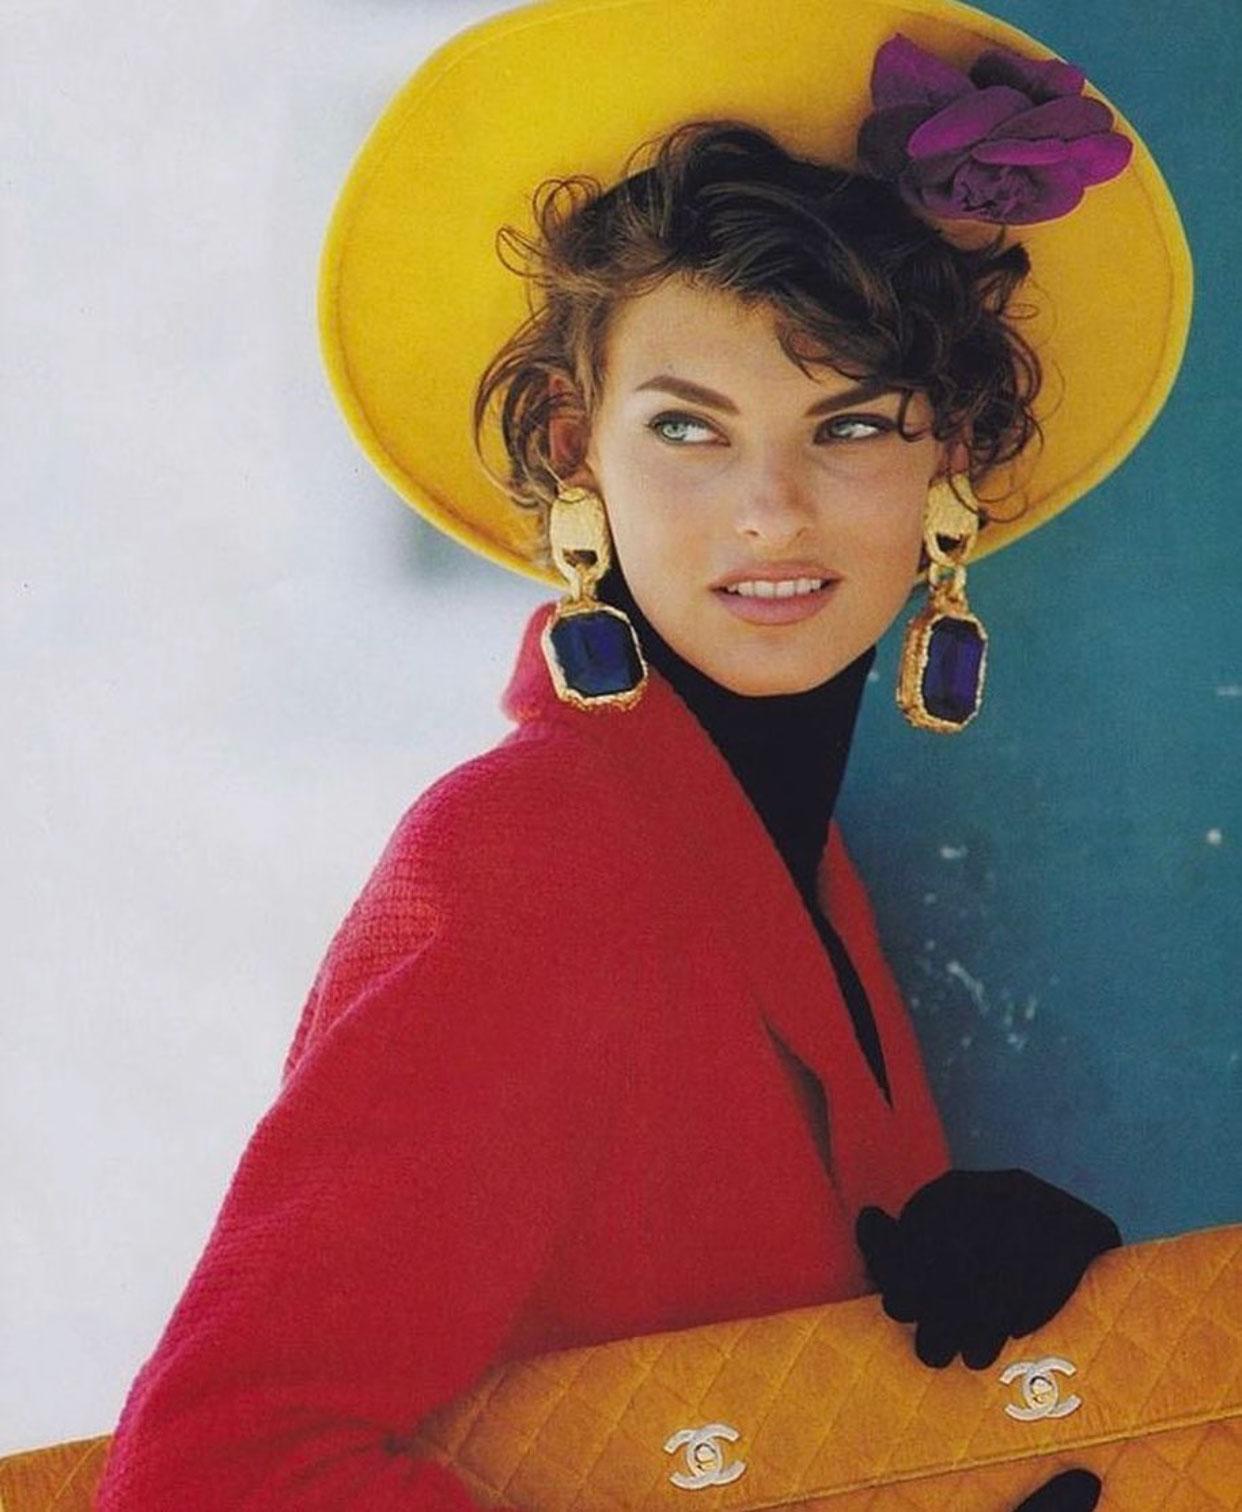 Vì sao siêu mẫu Linda Evangelista biến mất khỏi làng thời trang? 3